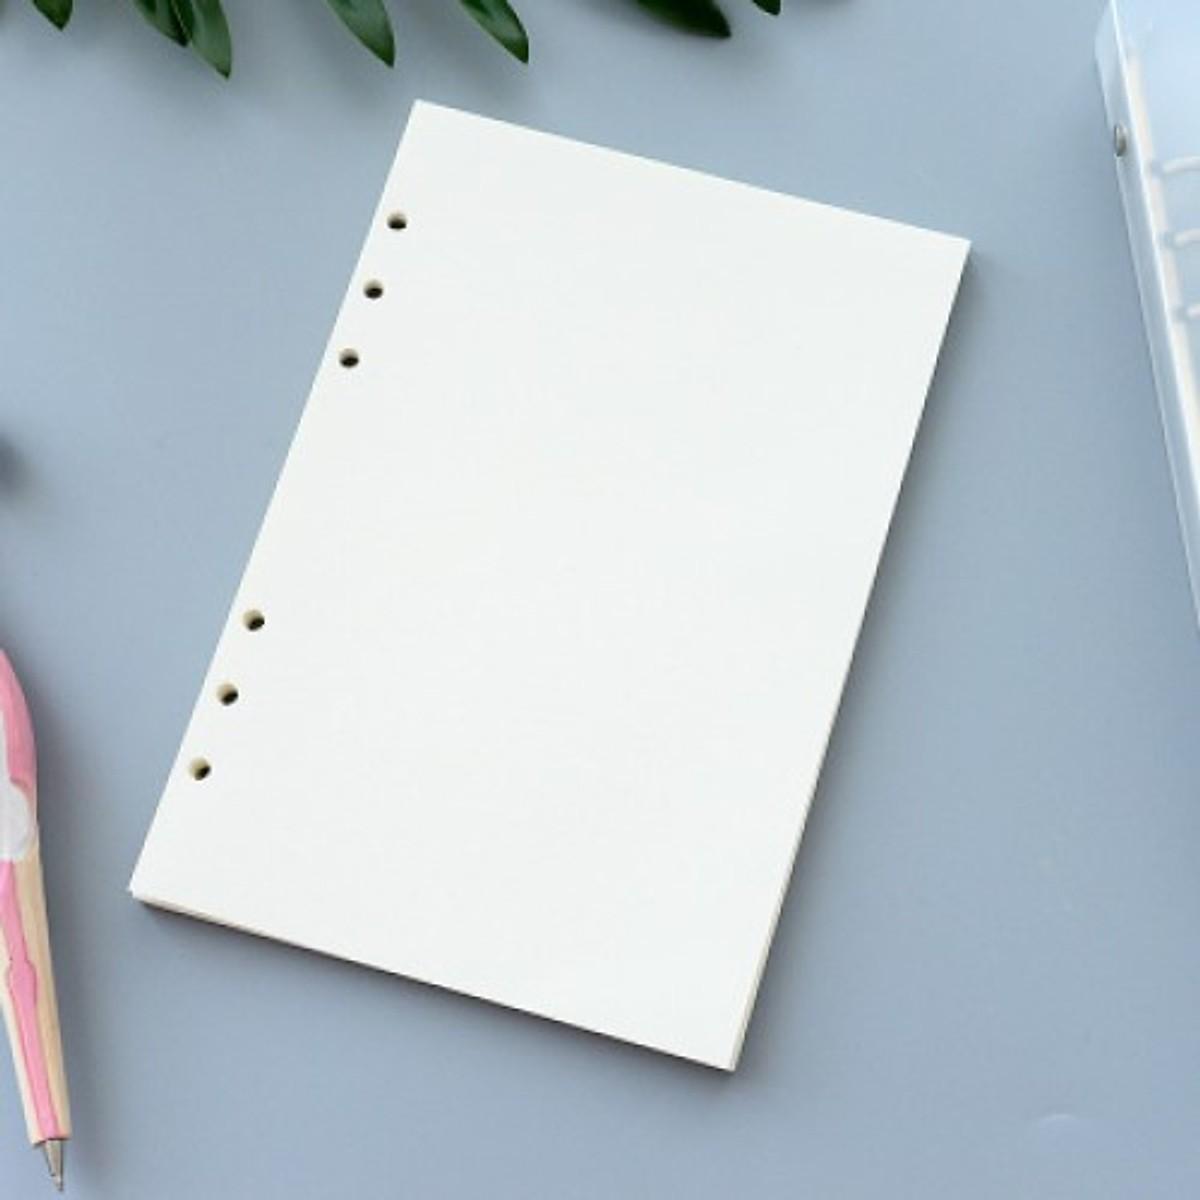 Tập giấy refill trắng trơn 6 lỗ cỡ A5 - 210x142mm